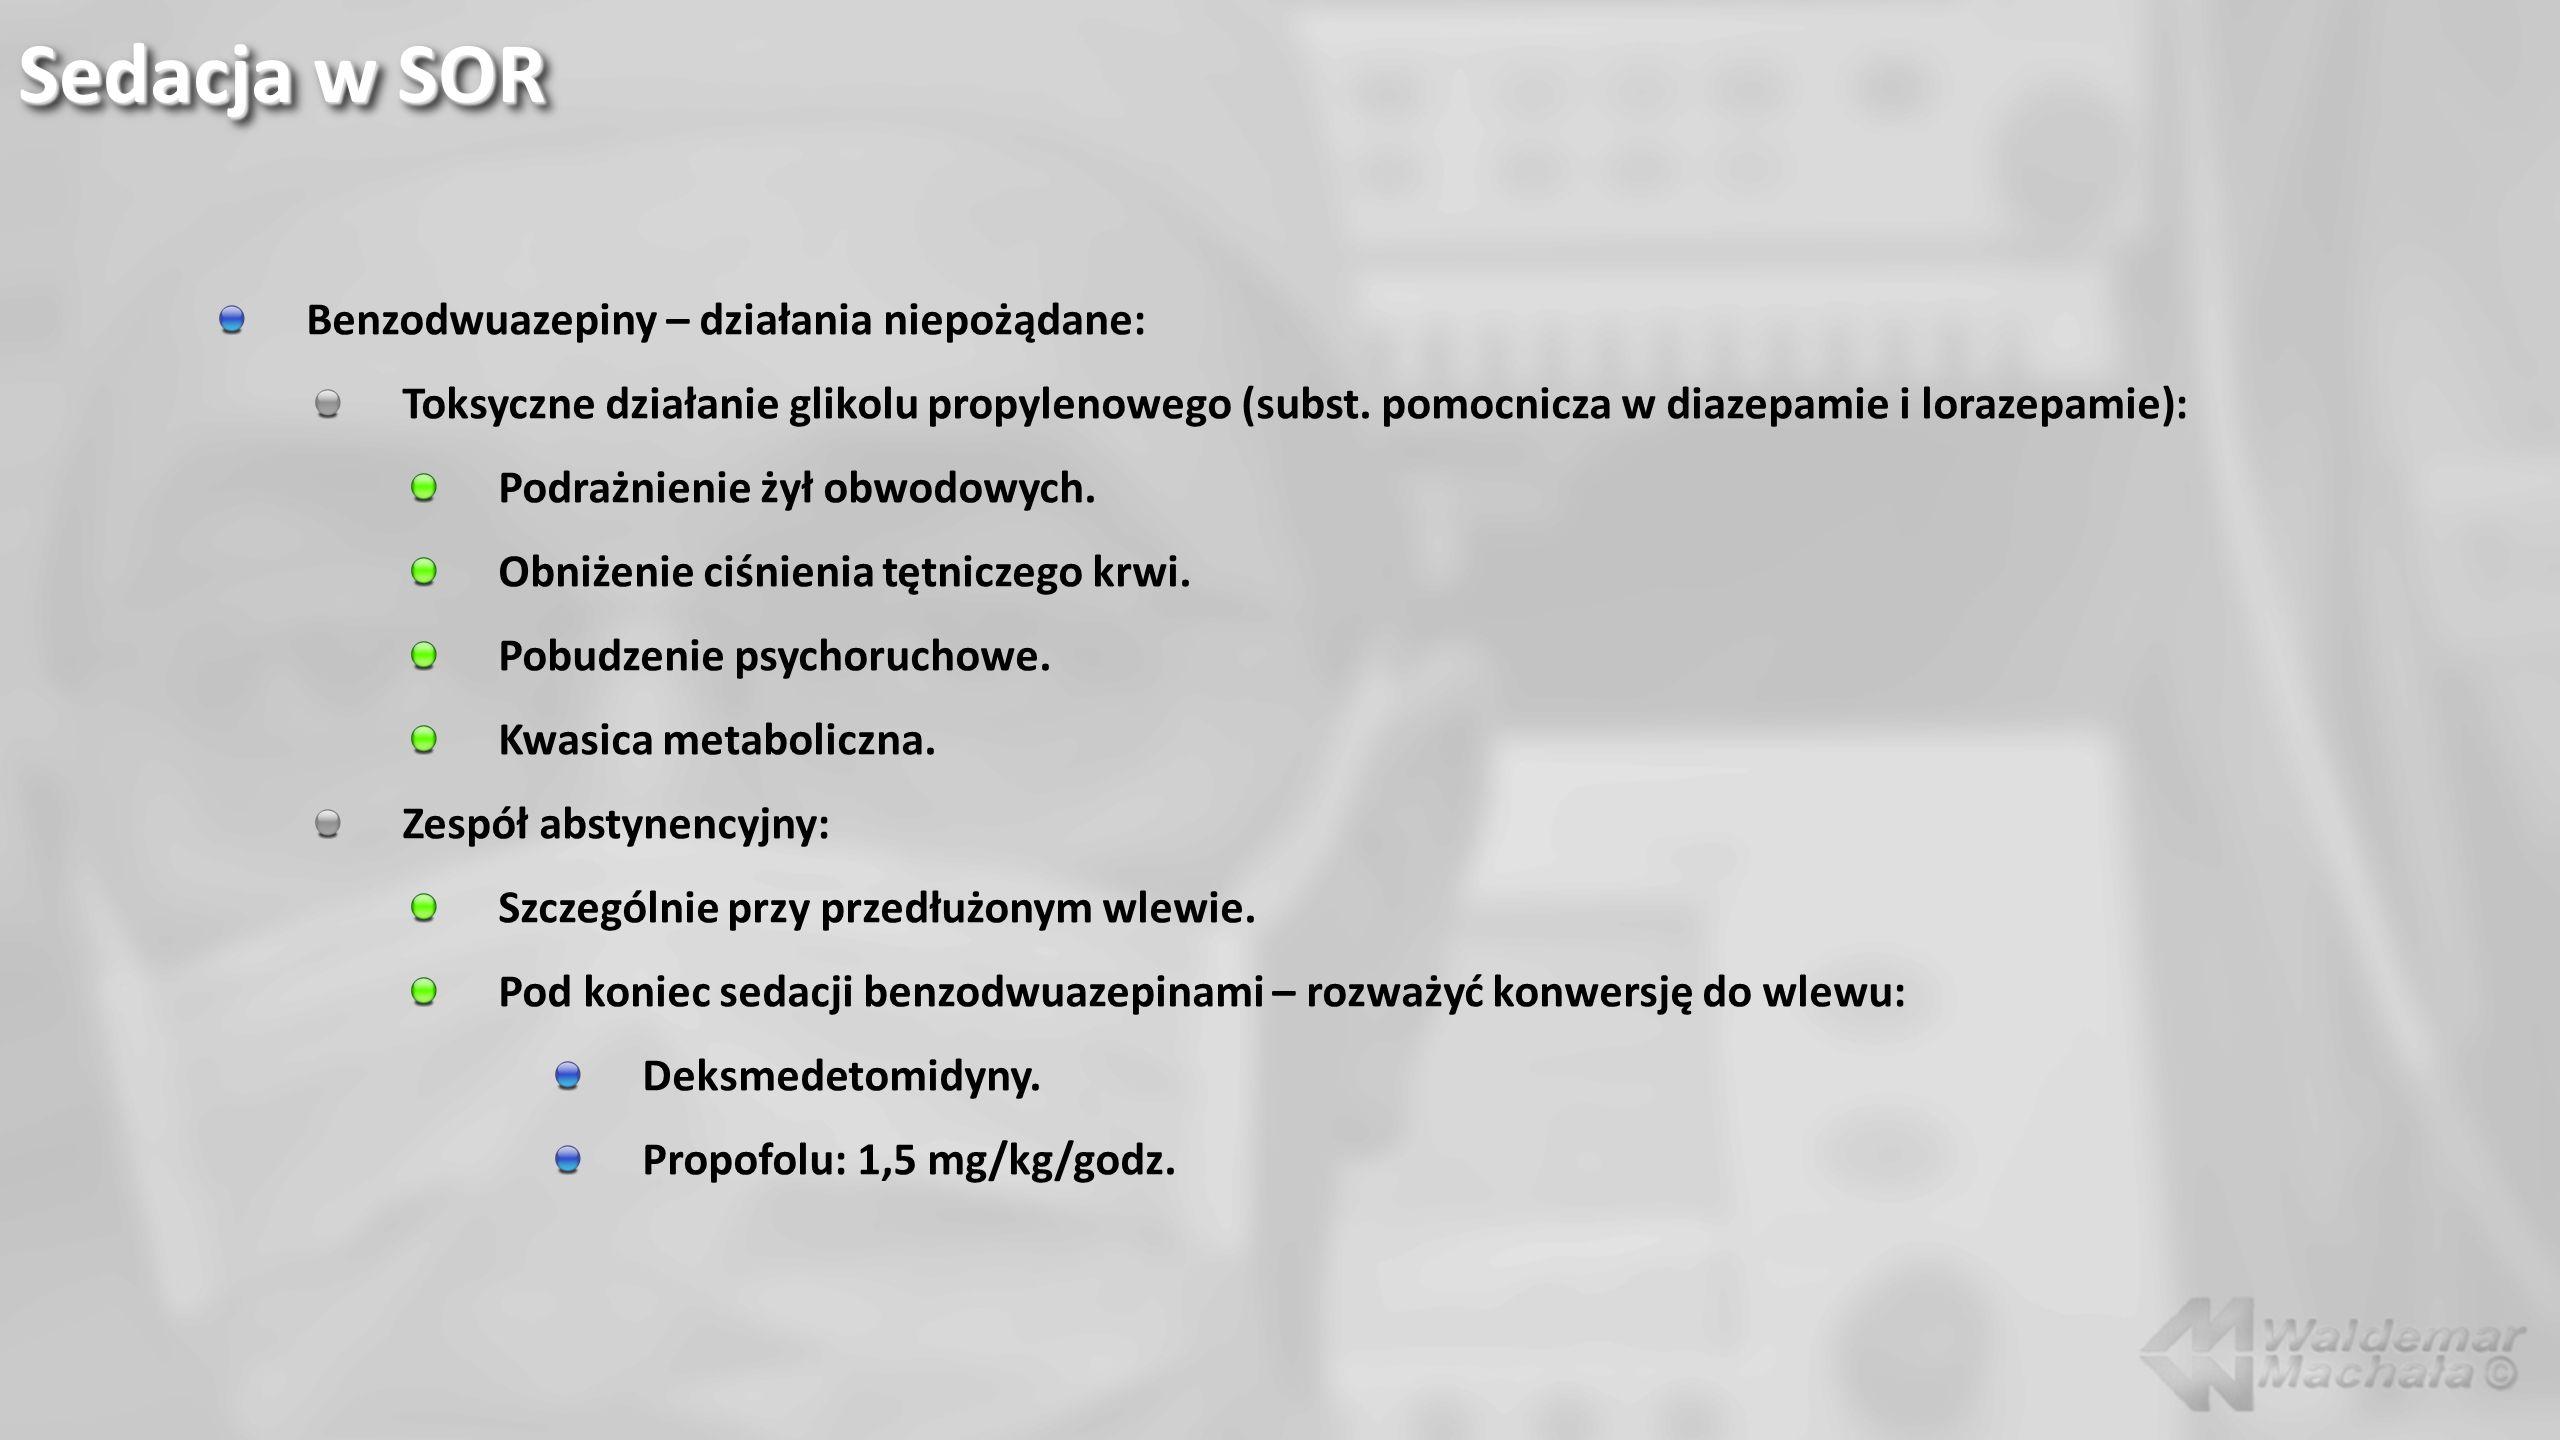 Benzodwuazepiny – działania niepożądane: Toksyczne działanie glikolu propylenowego (subst. pomocnicza w diazepamie i lorazepamie): Podrażnienie żył ob